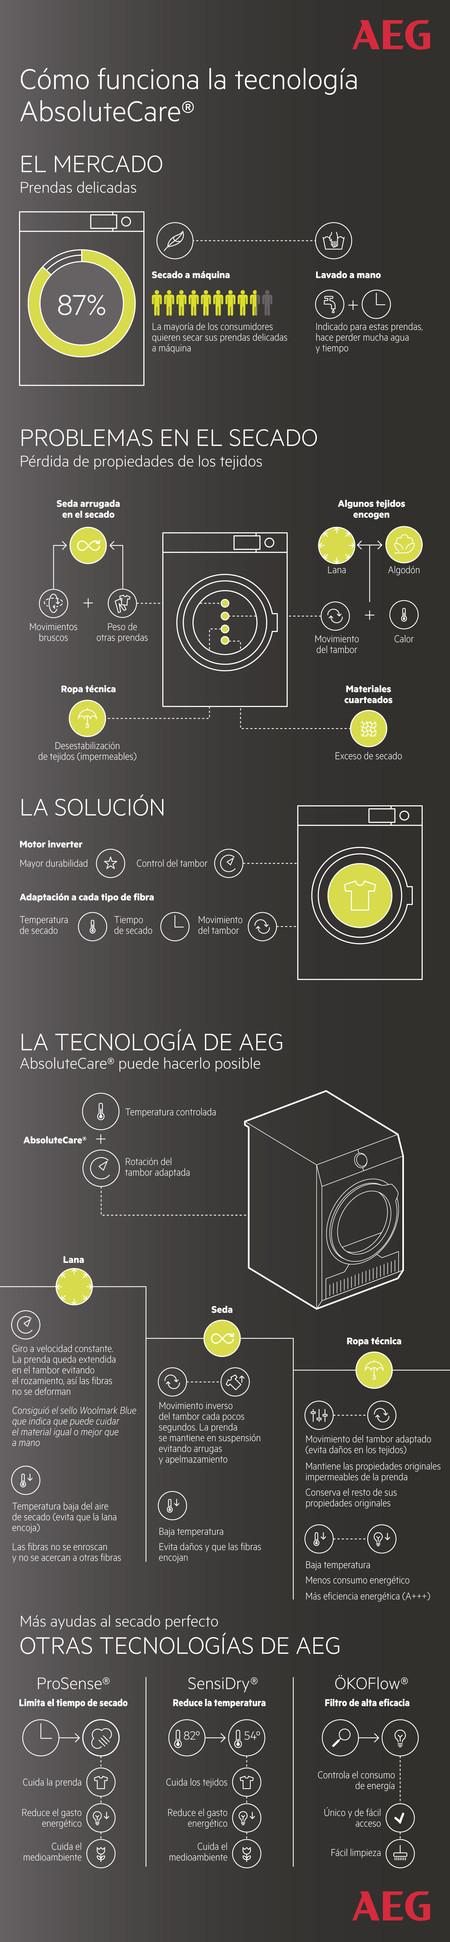 AE Tecnología AbsoluteCare